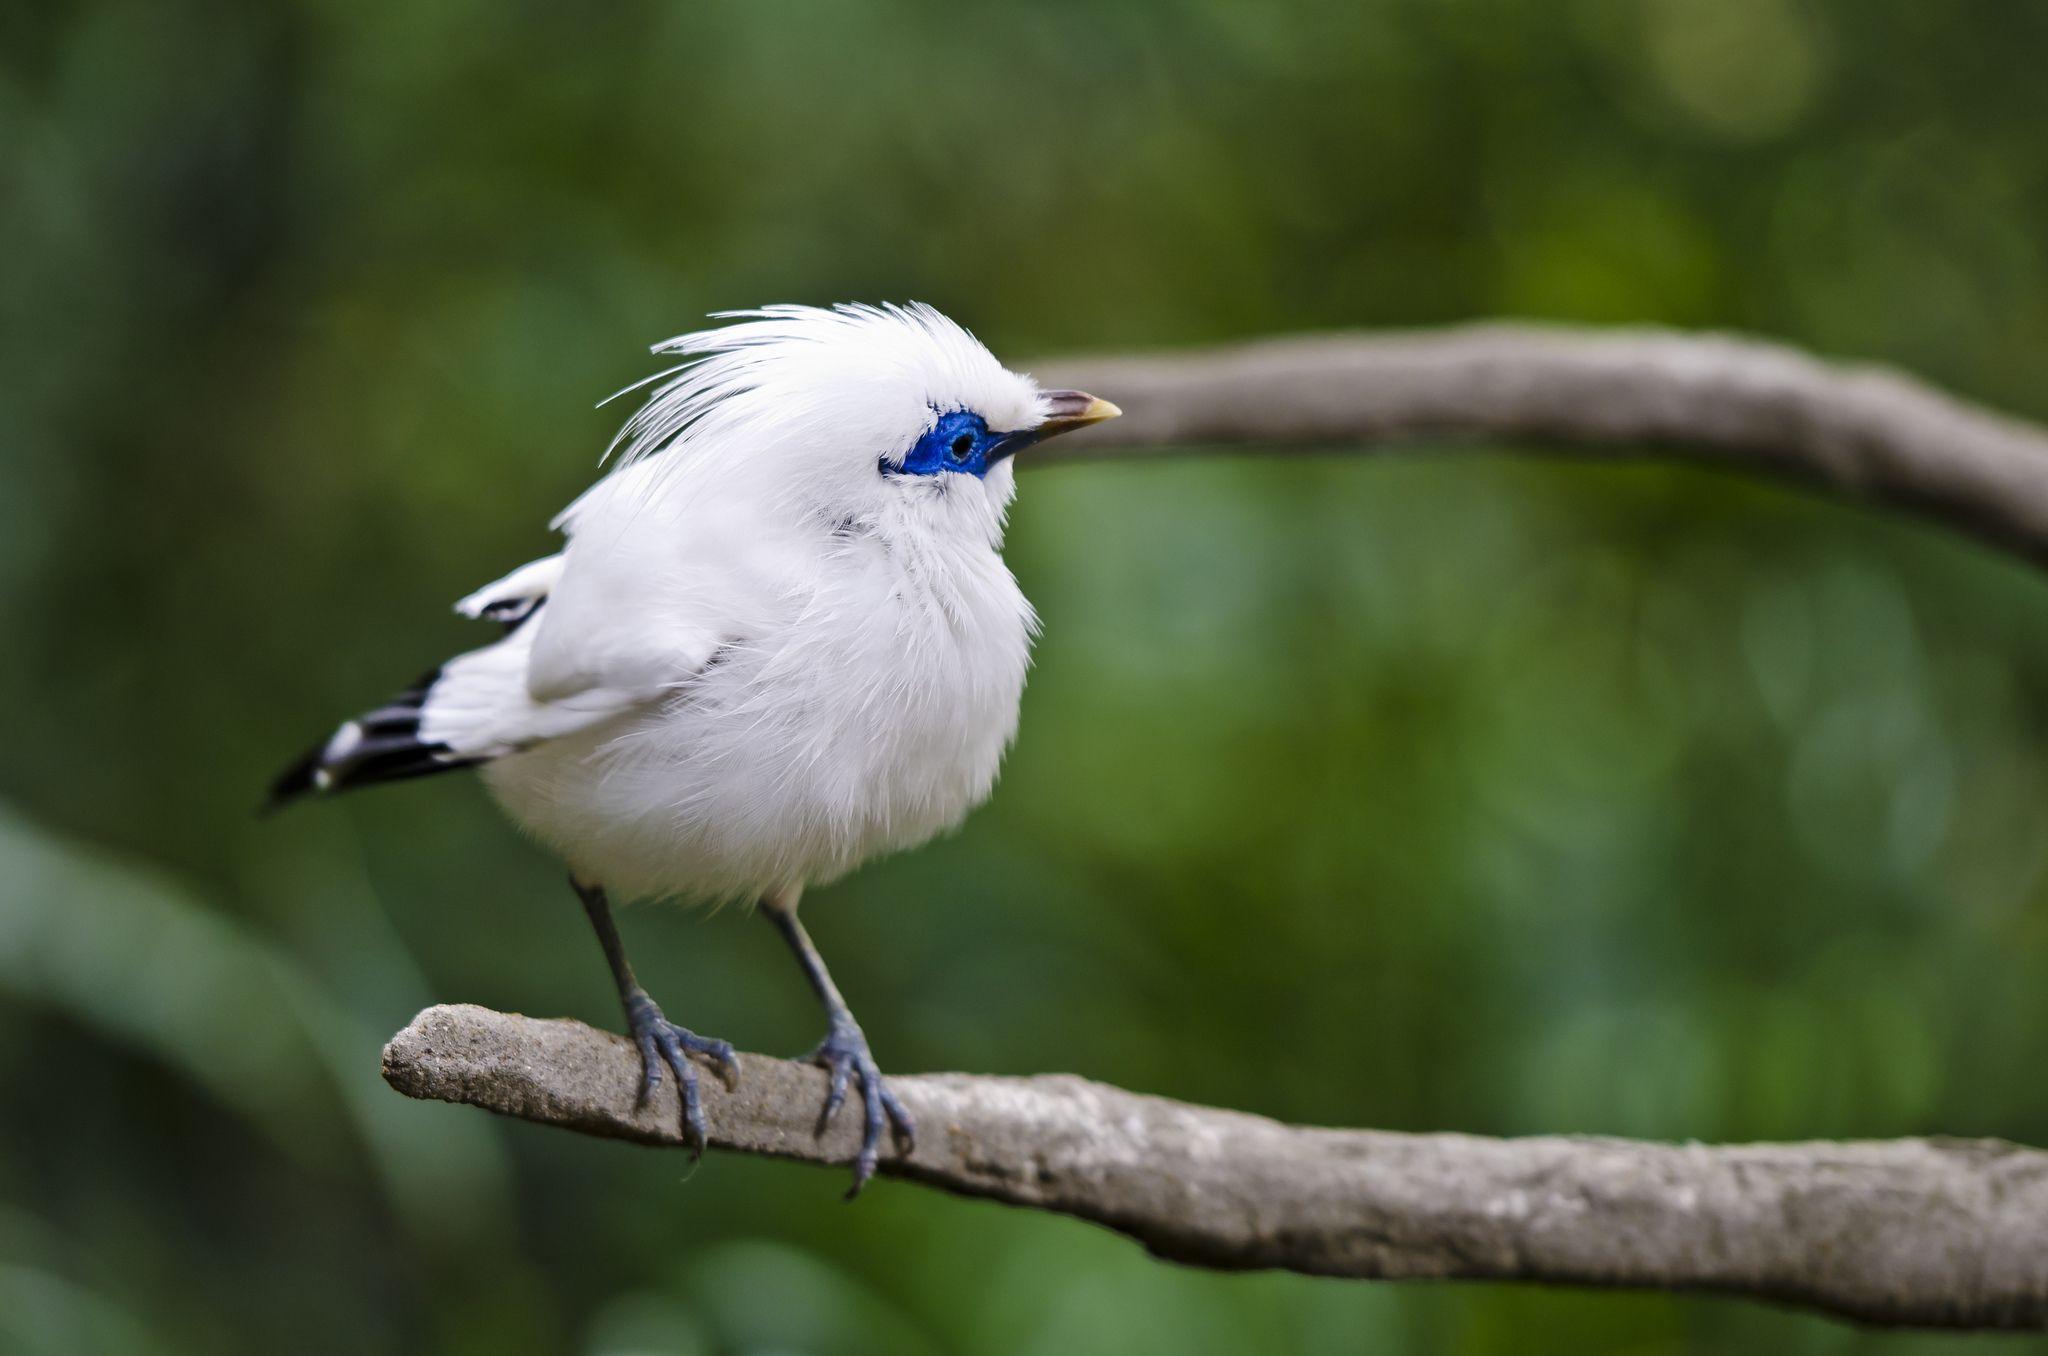 white bird - Beautiful Birds Wallpapers HD | birds | Pinterest ...